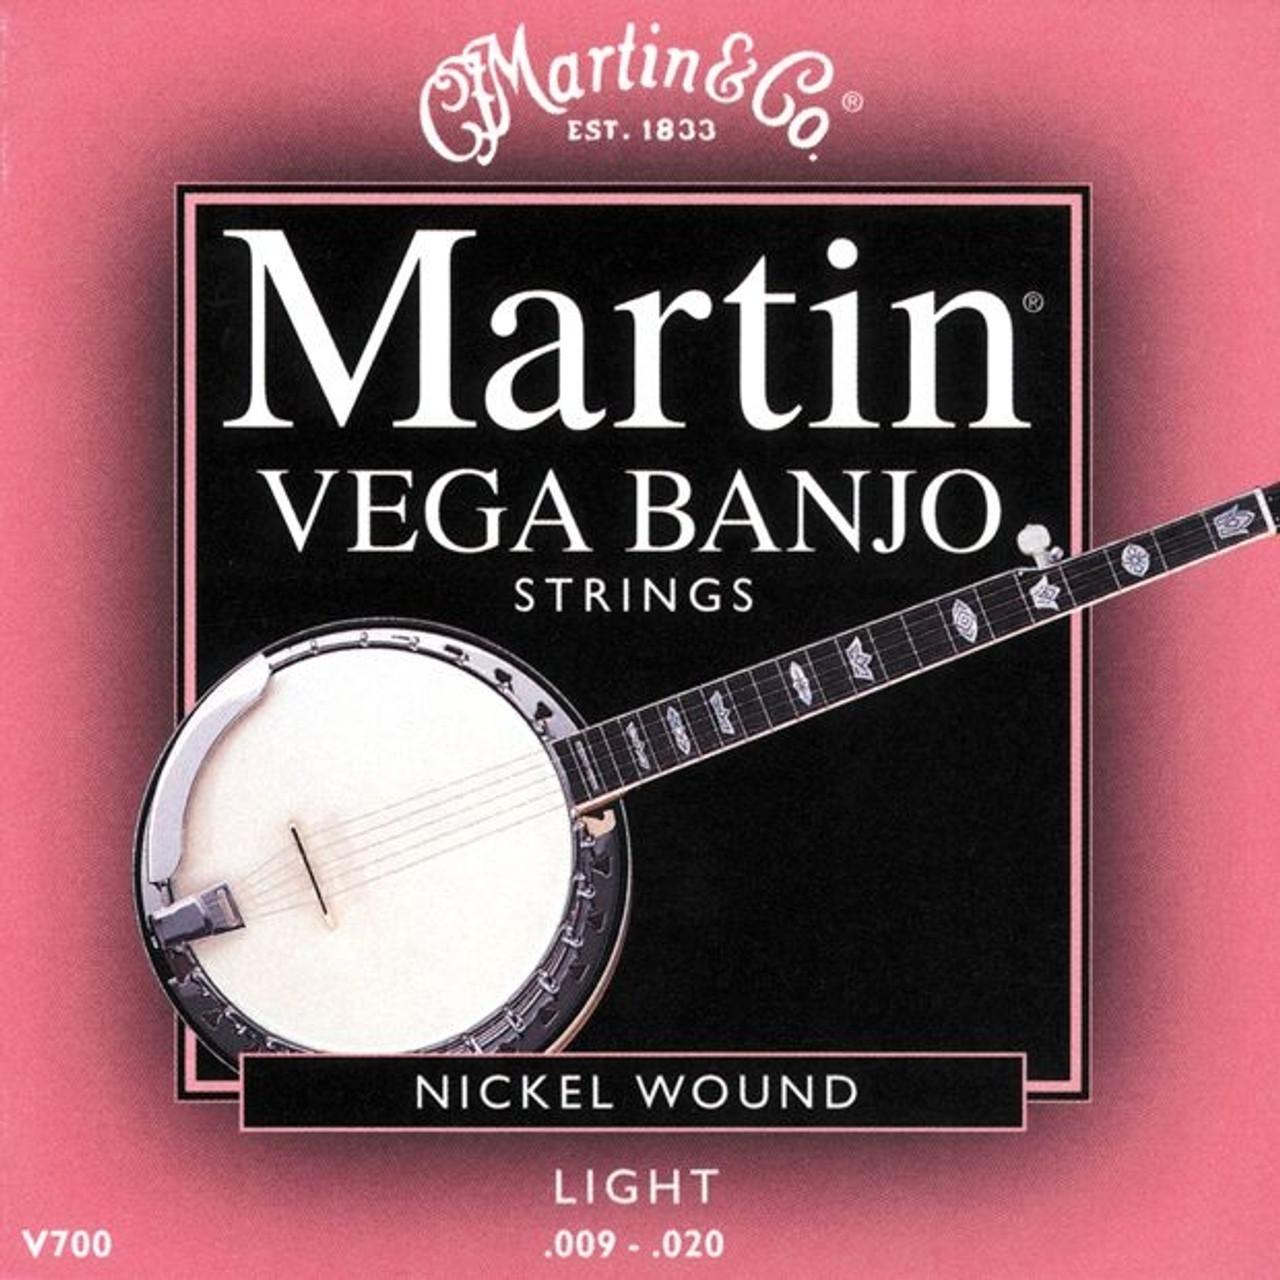 Martin Vega Banjo Strings - Light